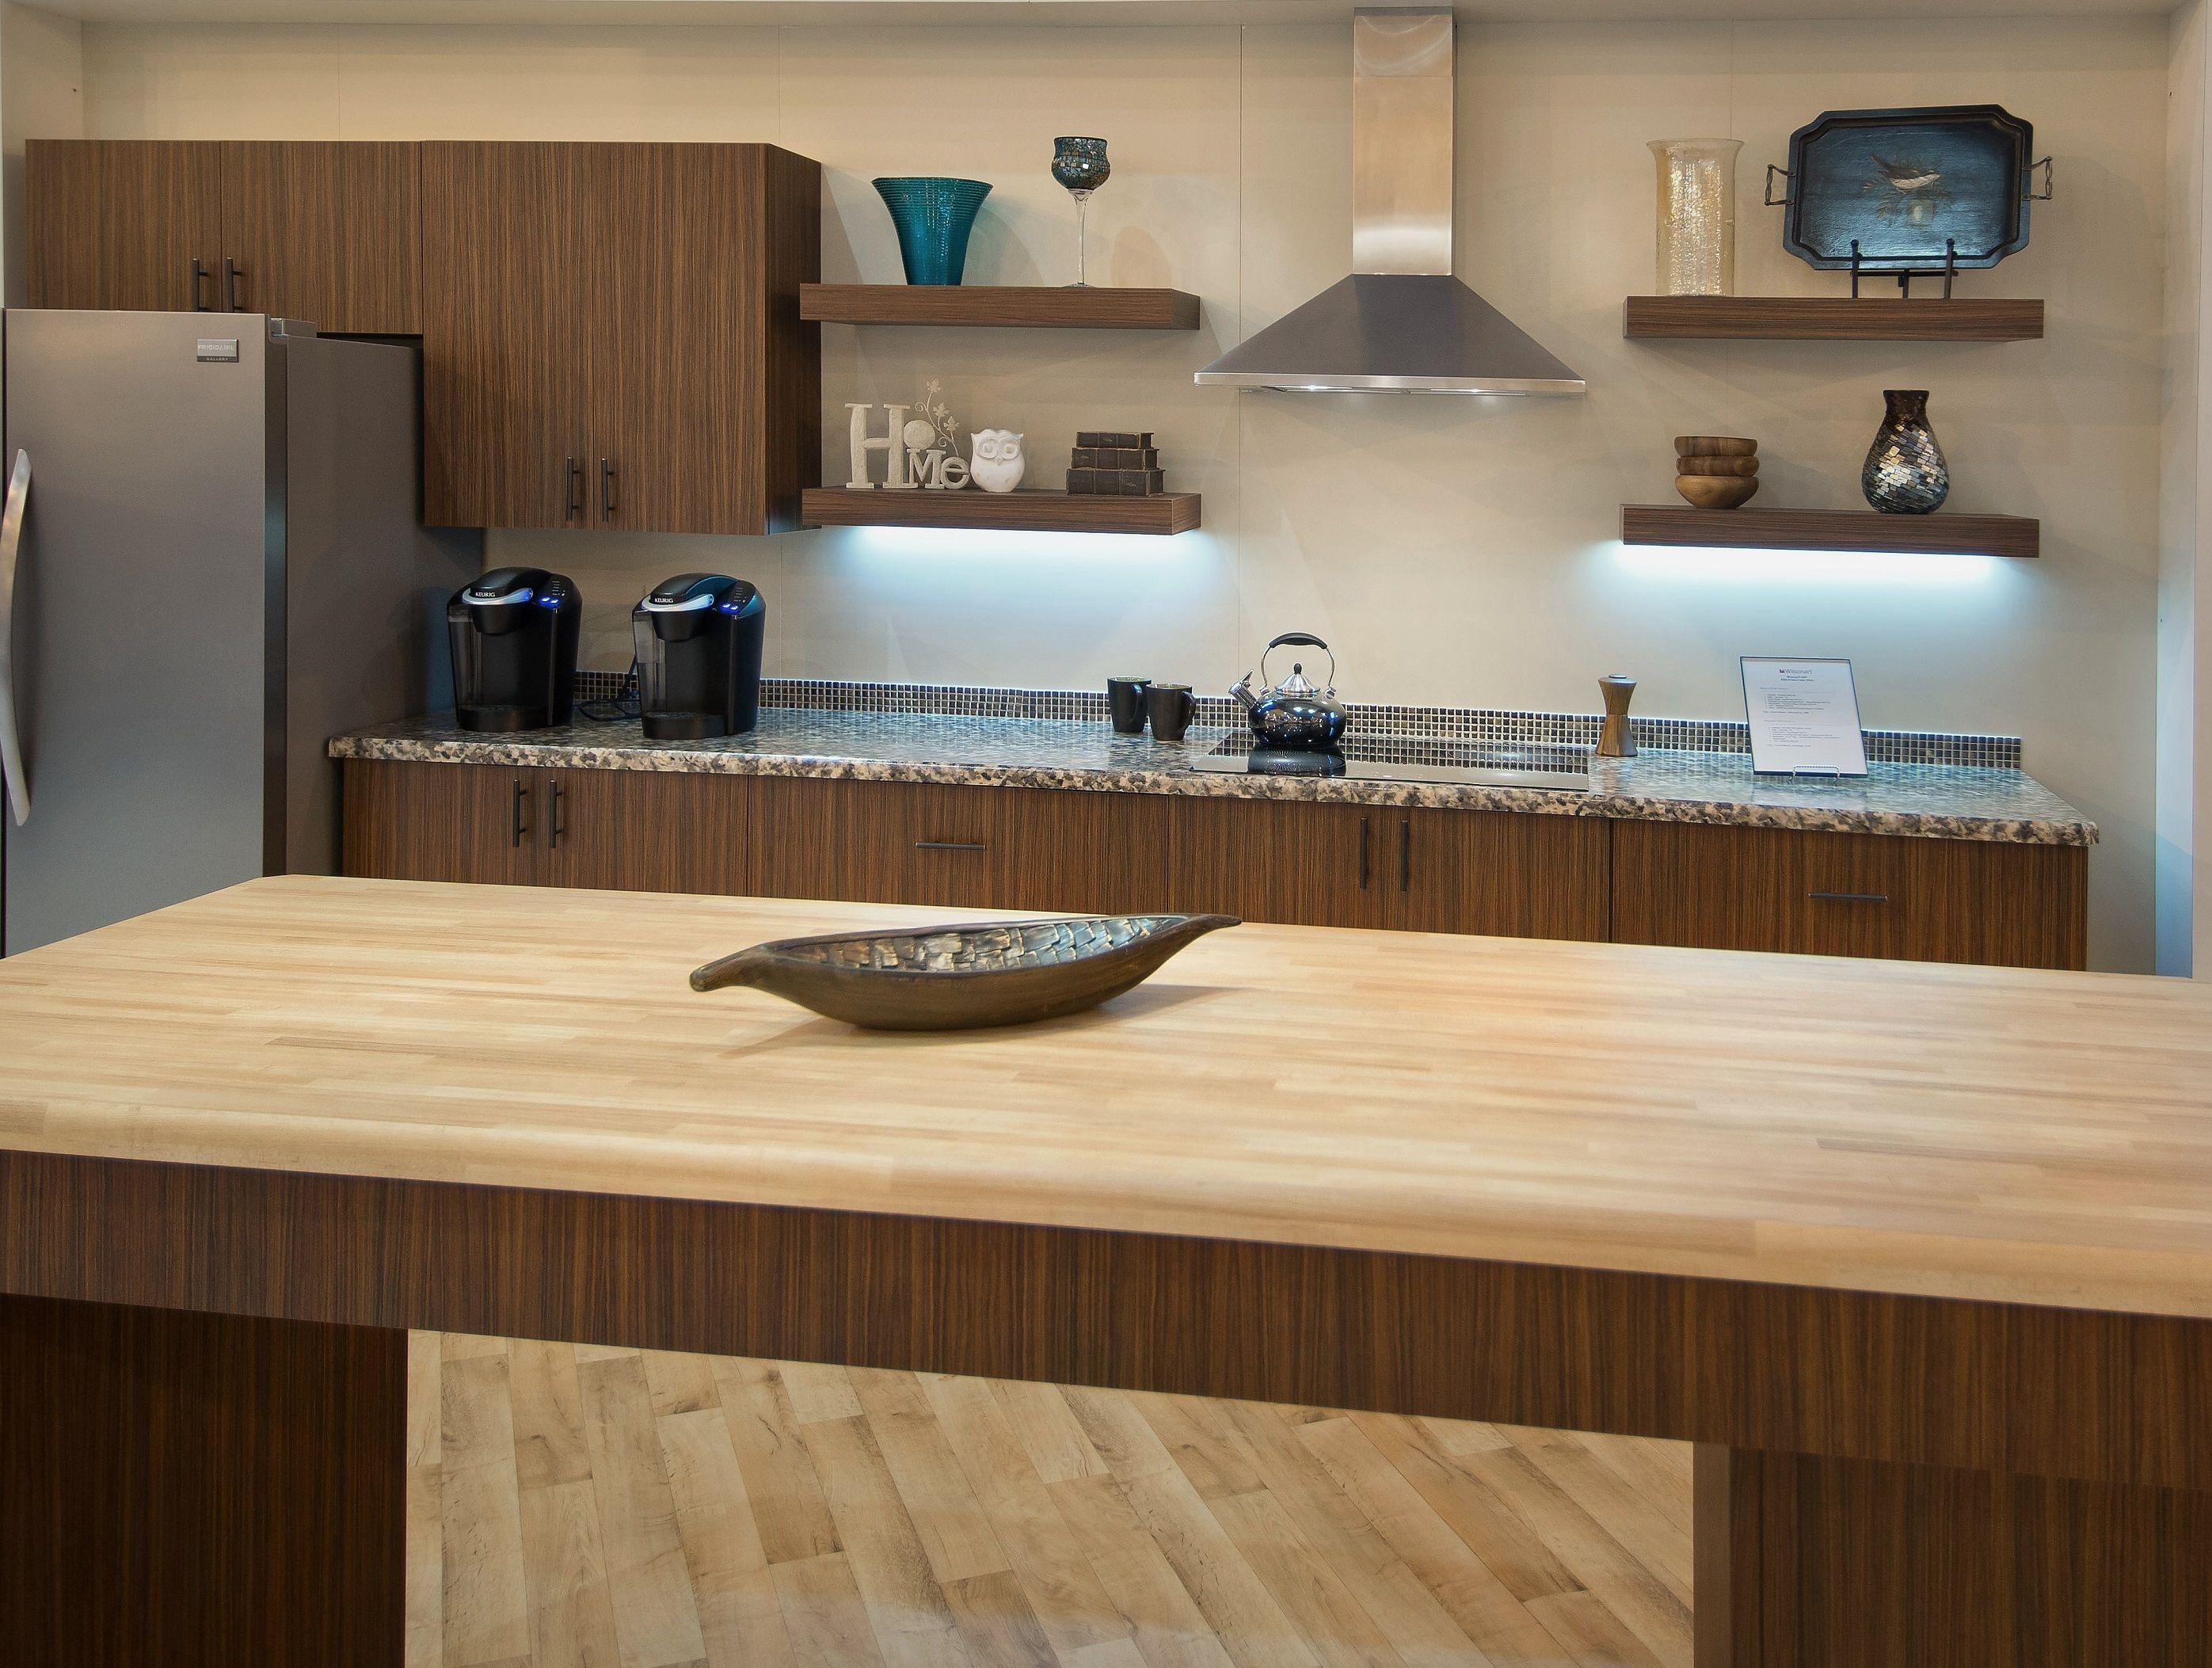 Manipulierte Quarz Arbeitsplatten, Marmor Tafel Billig Granit  Arbeitsplatten Für Die Küche Weiß Arbeitsplatte Farben Arten